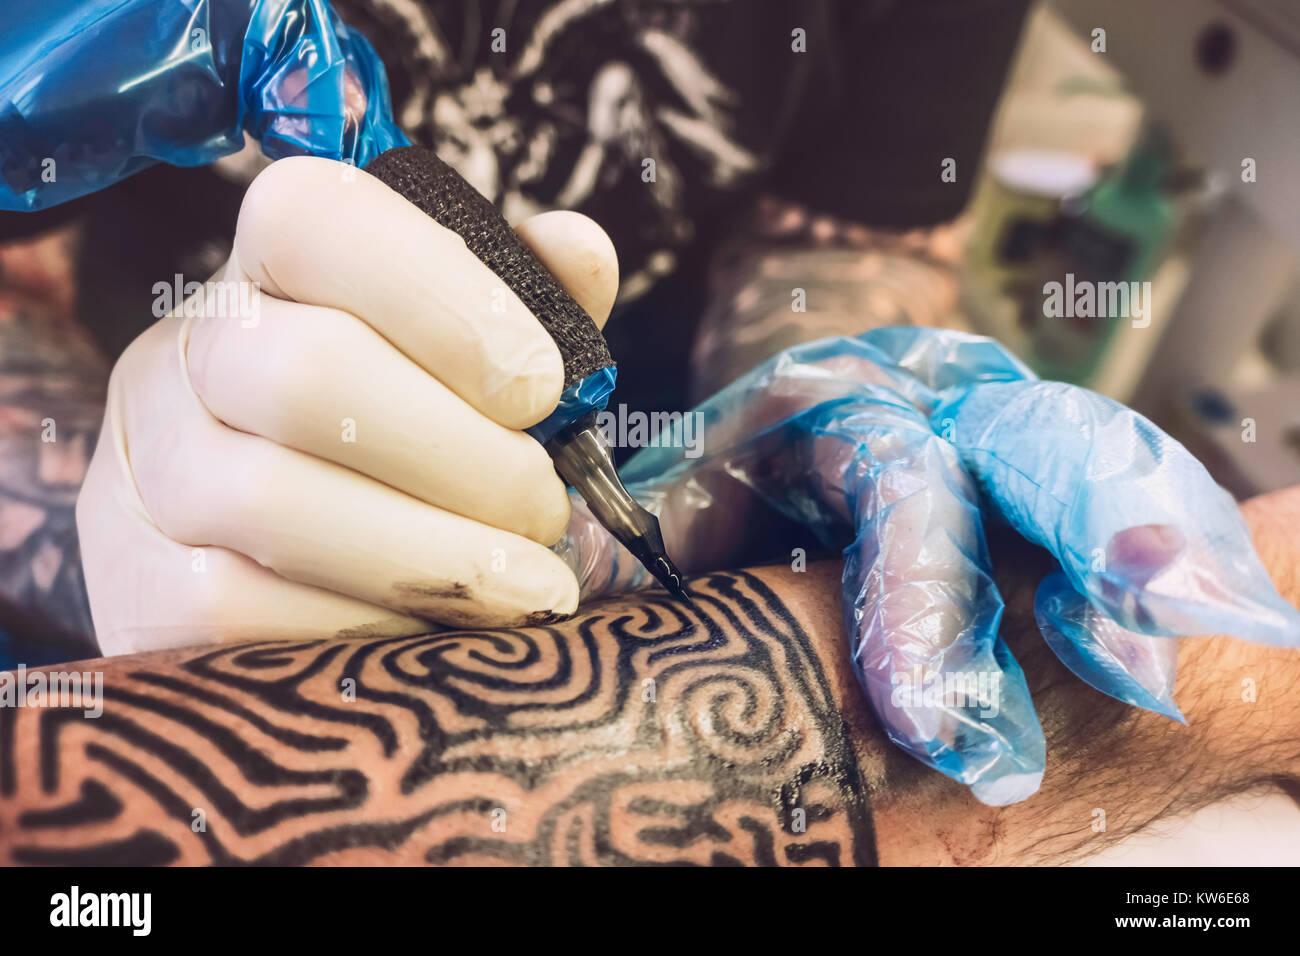 Nahaufnahme von einem professionellen Tätowierer mit Handschuhen Tätowieren ein Tribal Design auf dem linken Unterarm Stockfoto